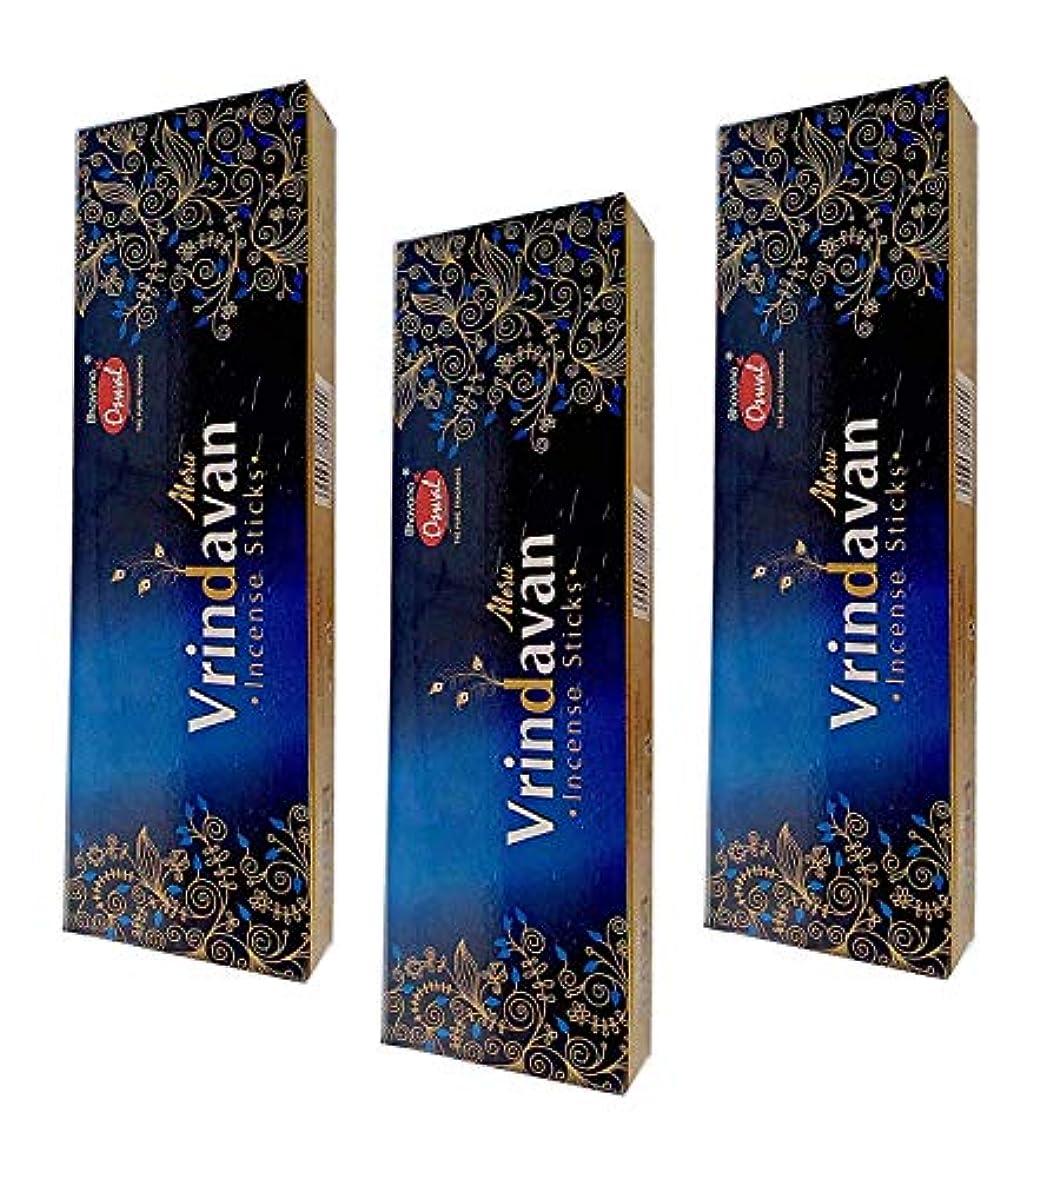 ソケット特派員ふつうOSWAL VRINDAVAN Incense Sticks Combo Pack of 3 (100 GM Each)